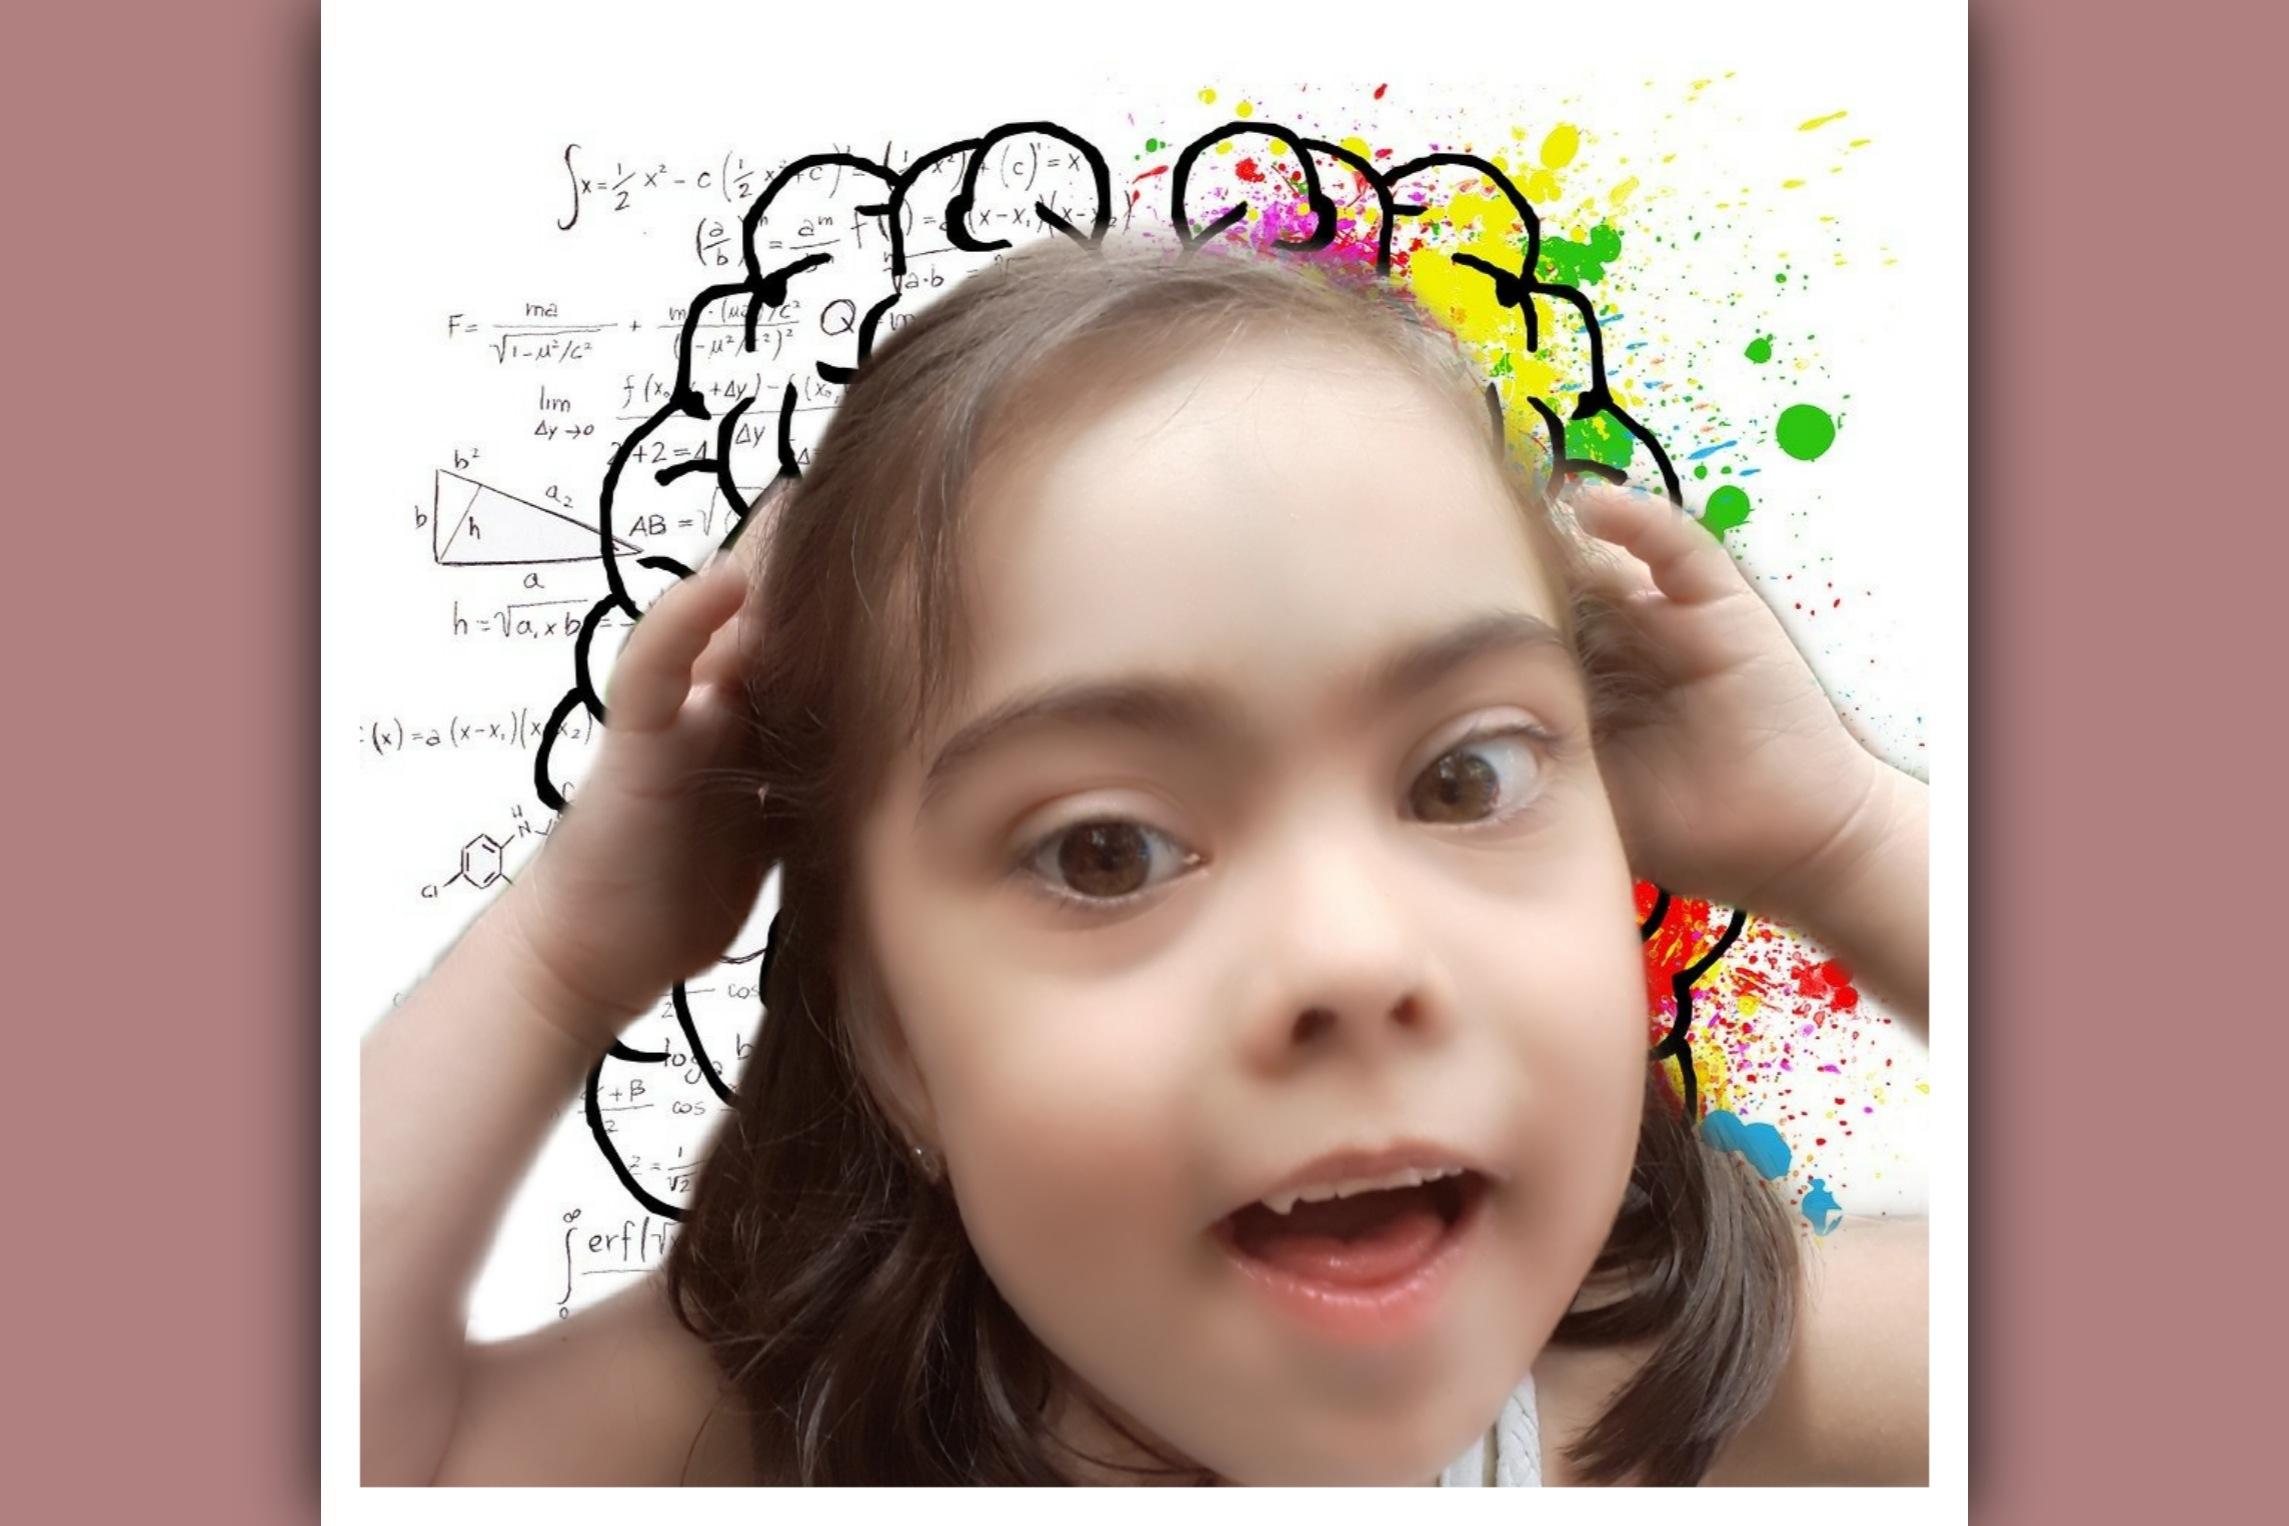 imagen de hemisferios cerebrales en una niña con sindrome de down